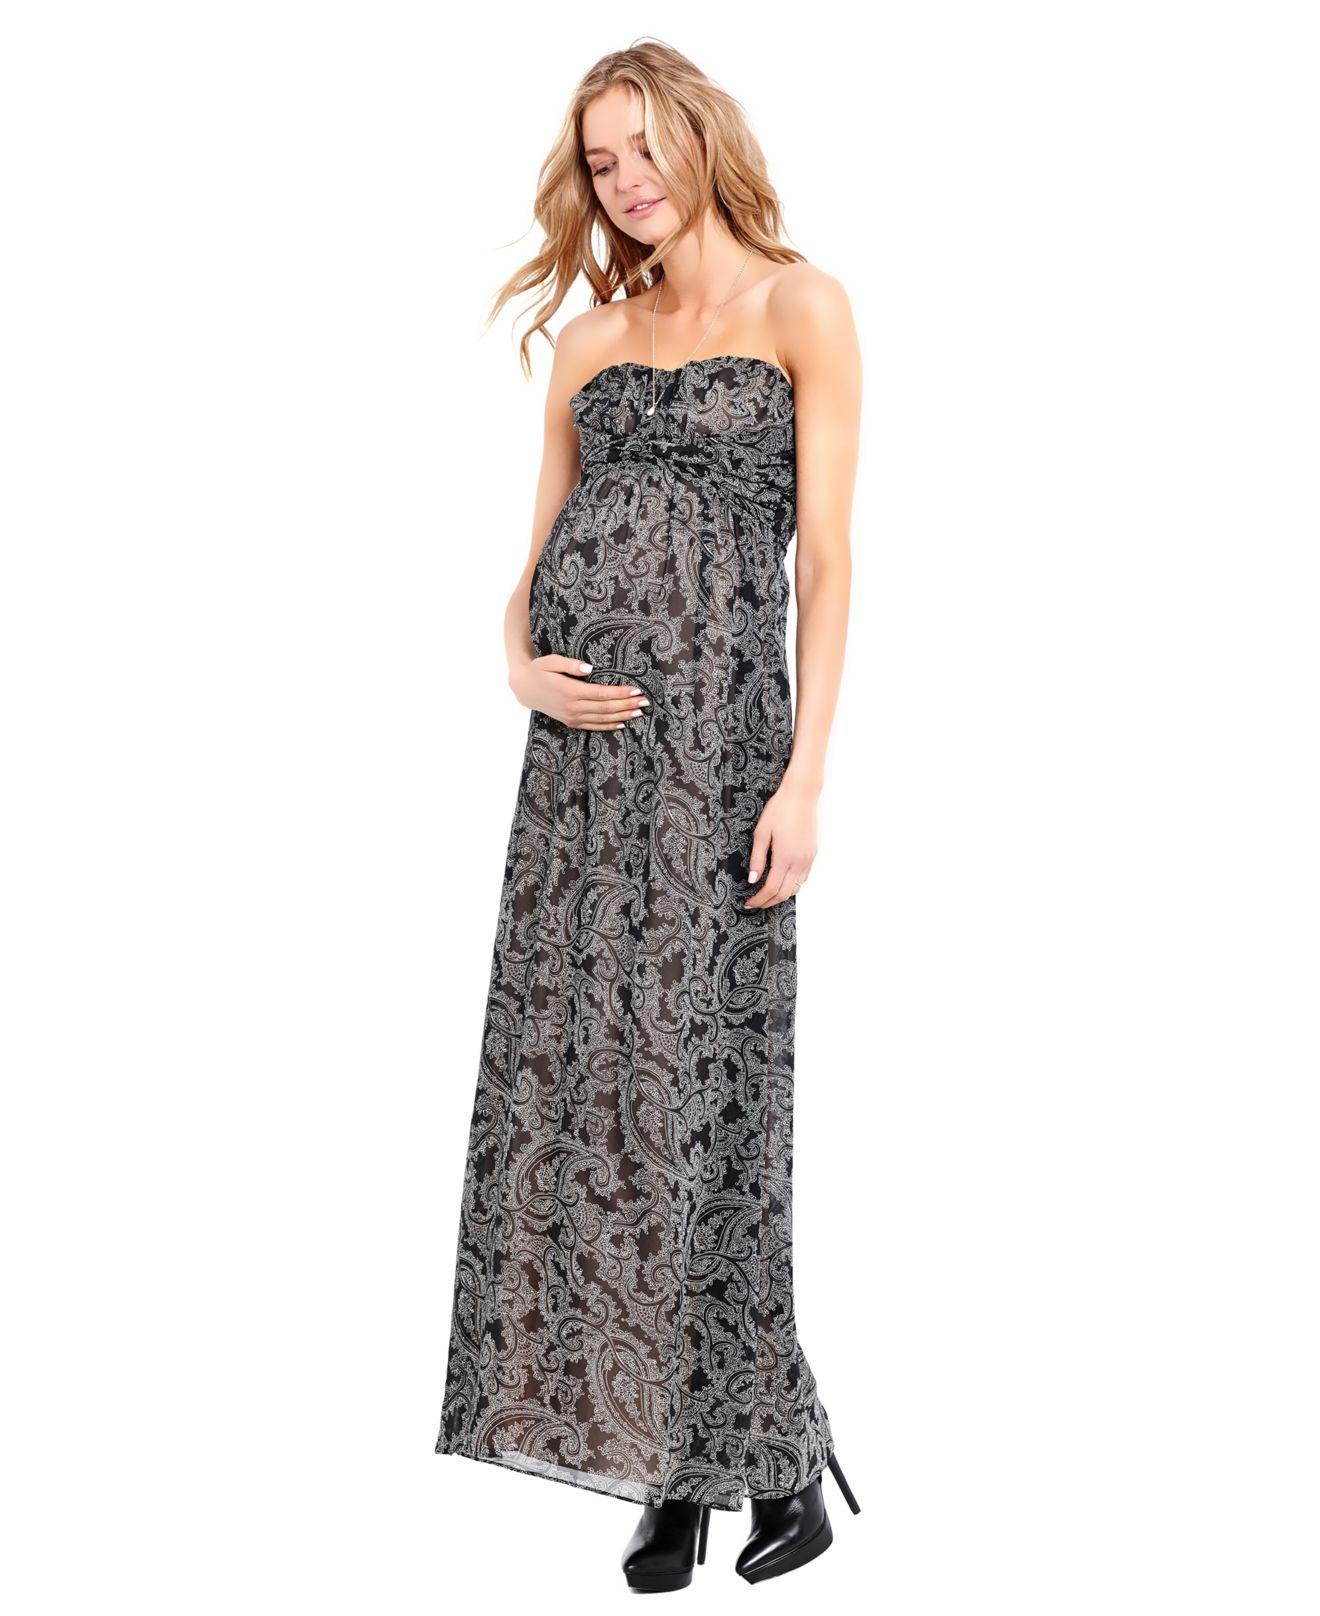 f923f88f97dff Jessica Simpson Maternity Strapless Paisley-Print Maxi Dress - Lyst